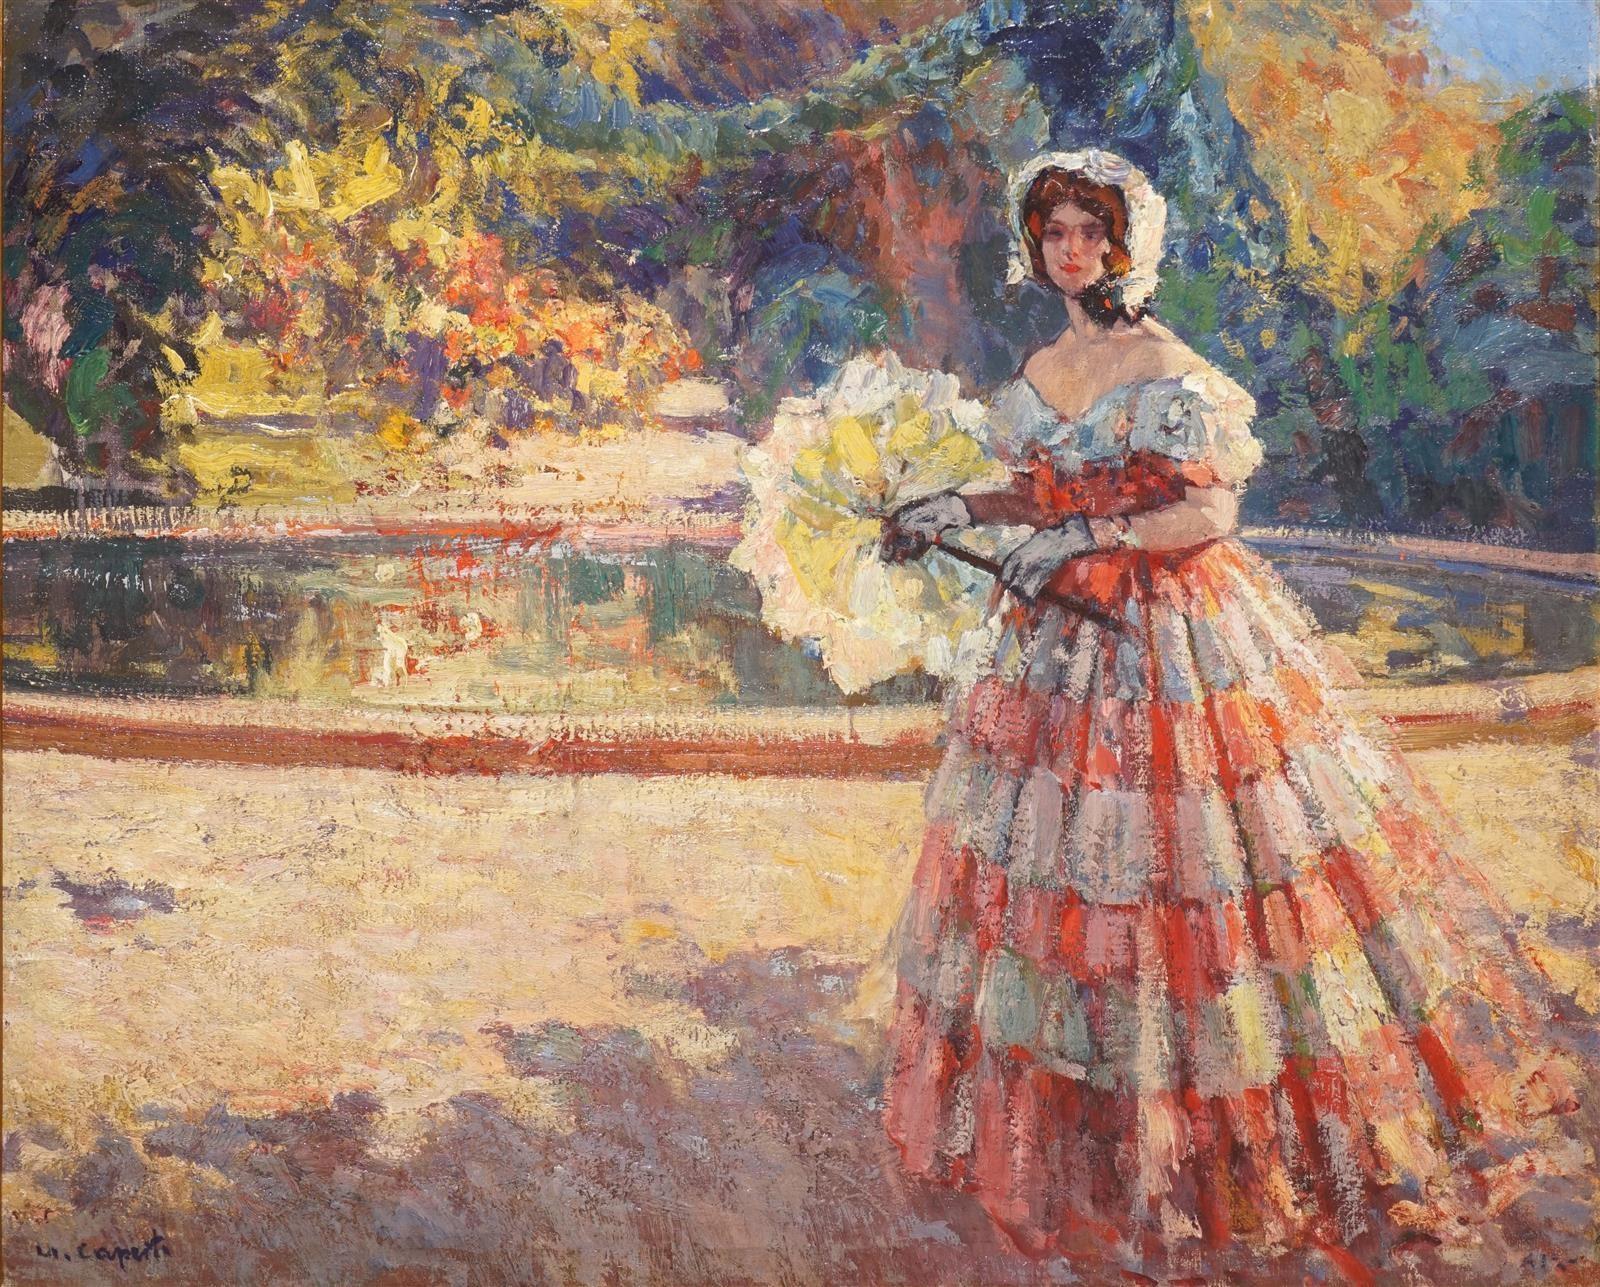 Ulisse Caputo Elegante a l ombrelle dans un parc